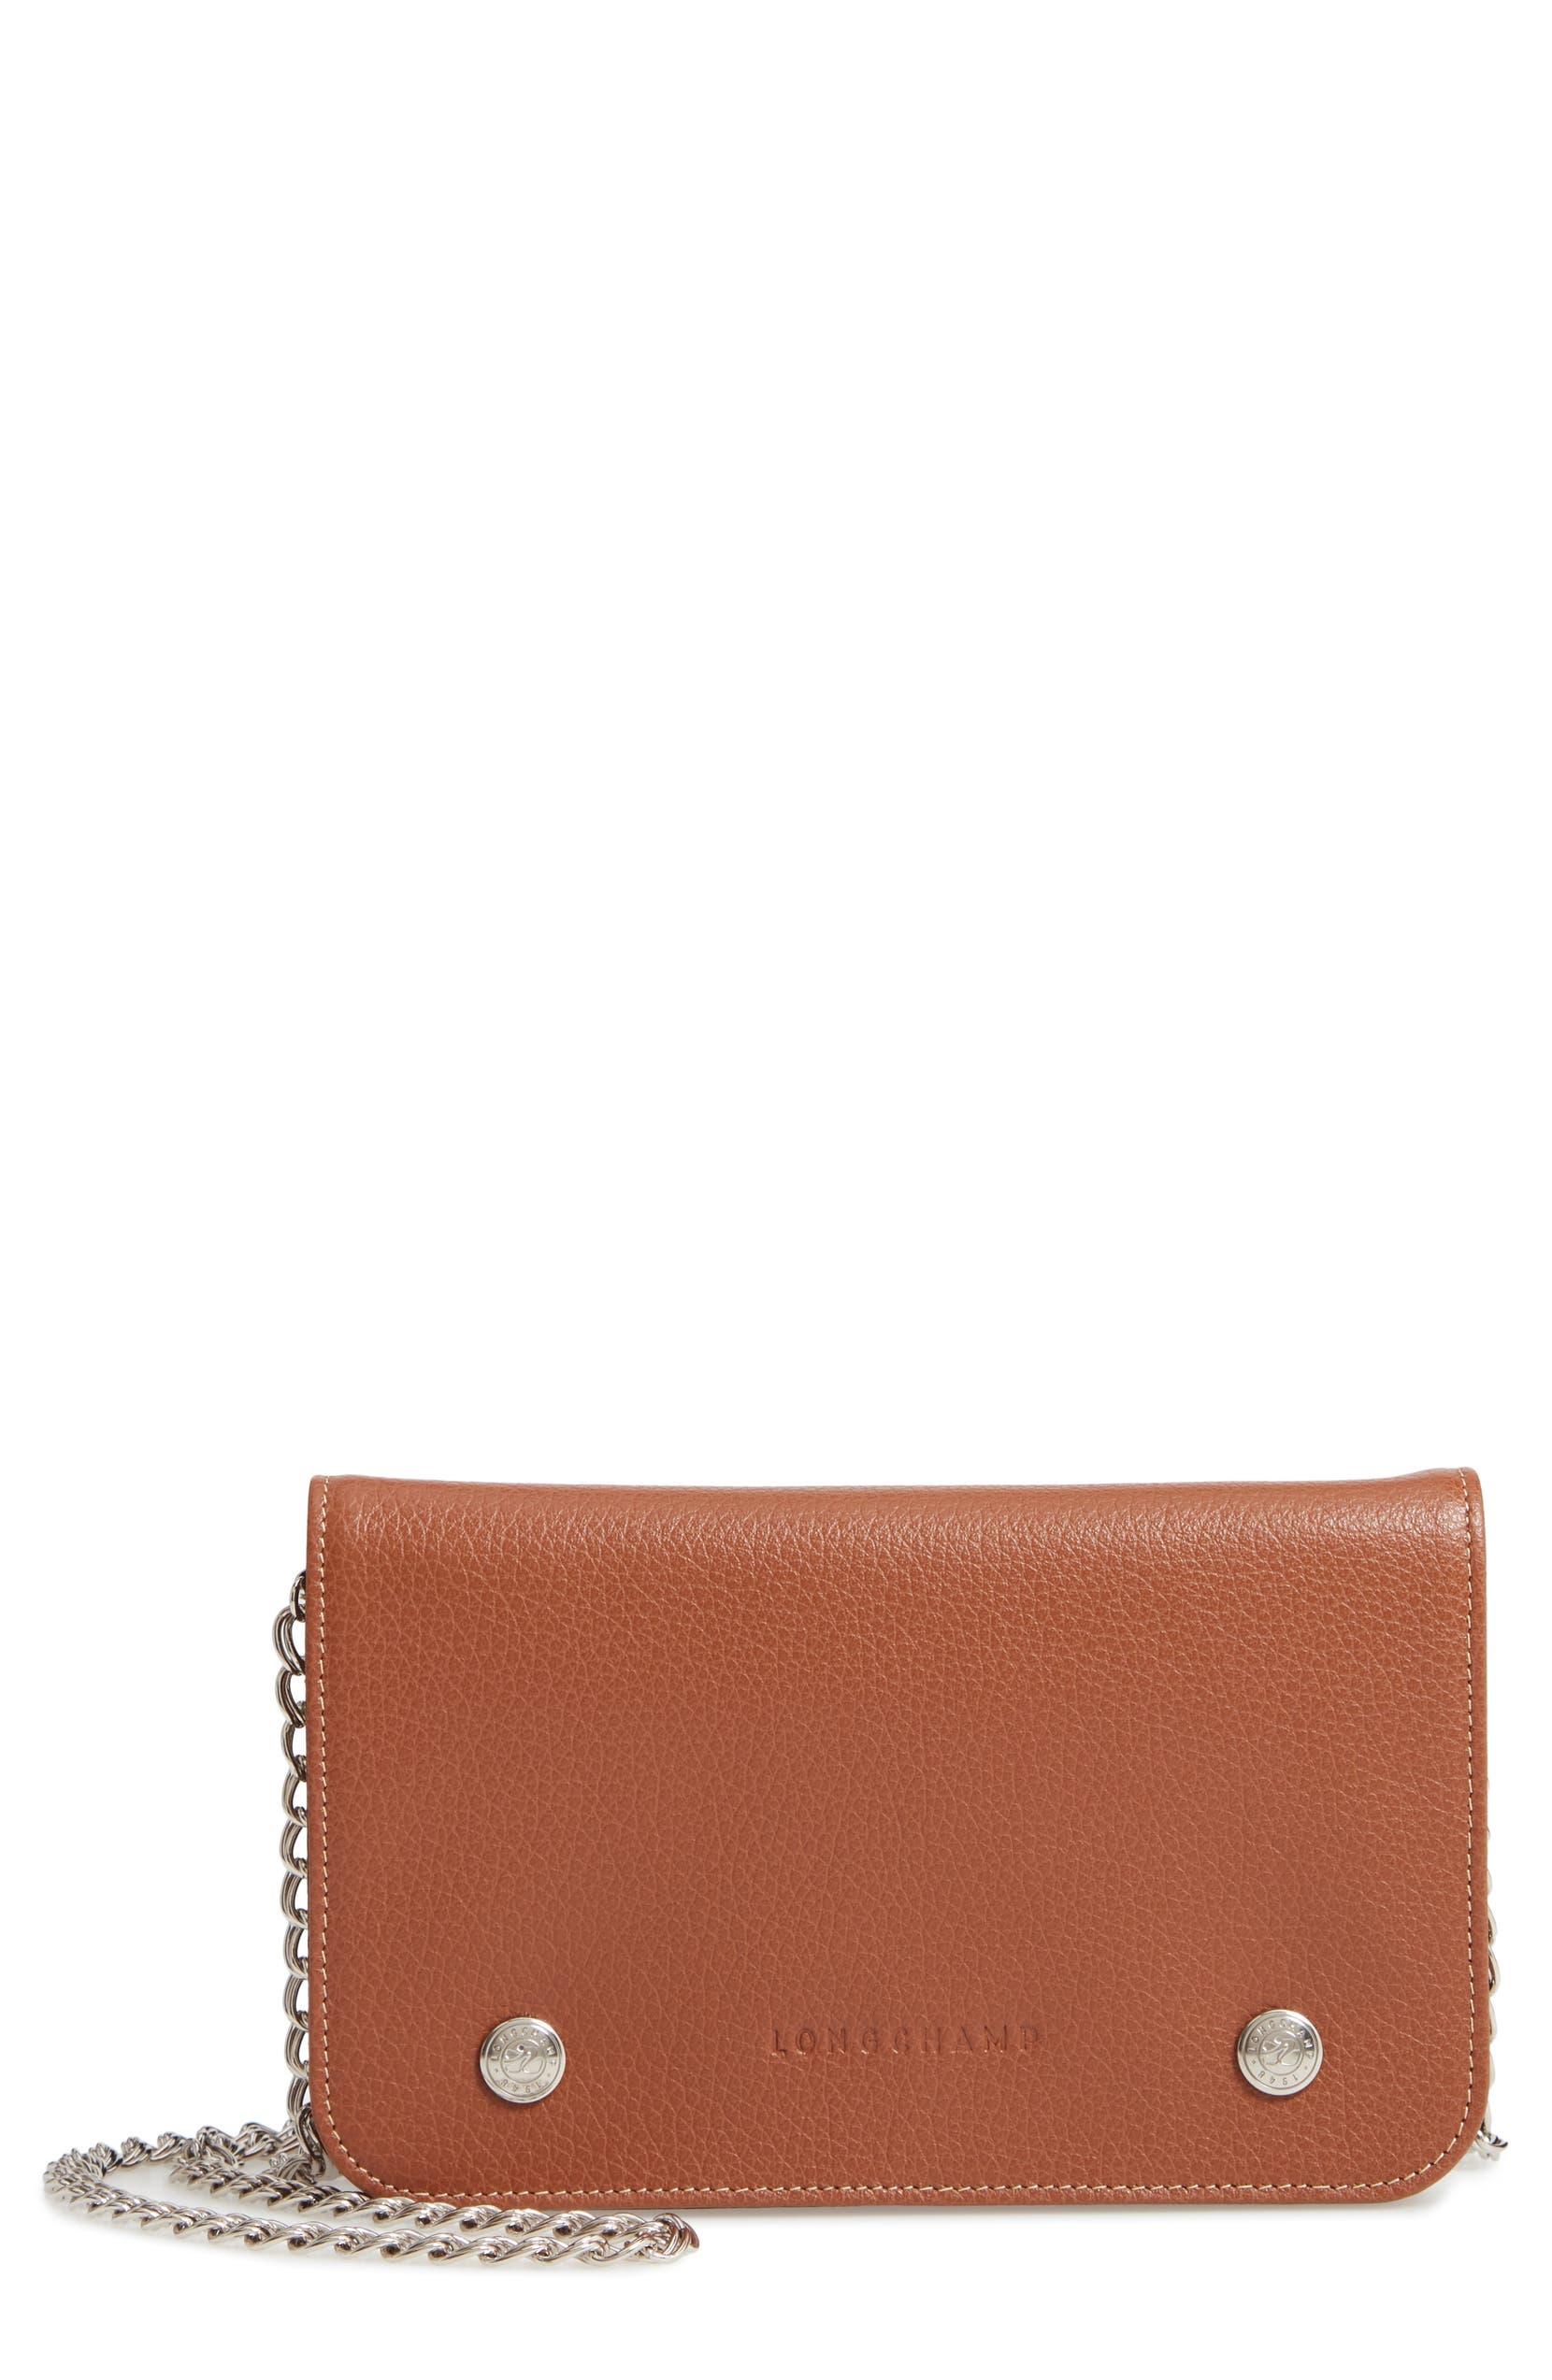 23d84a84a71e Longchamp Le Foulonné Leather Wallet on a Chain